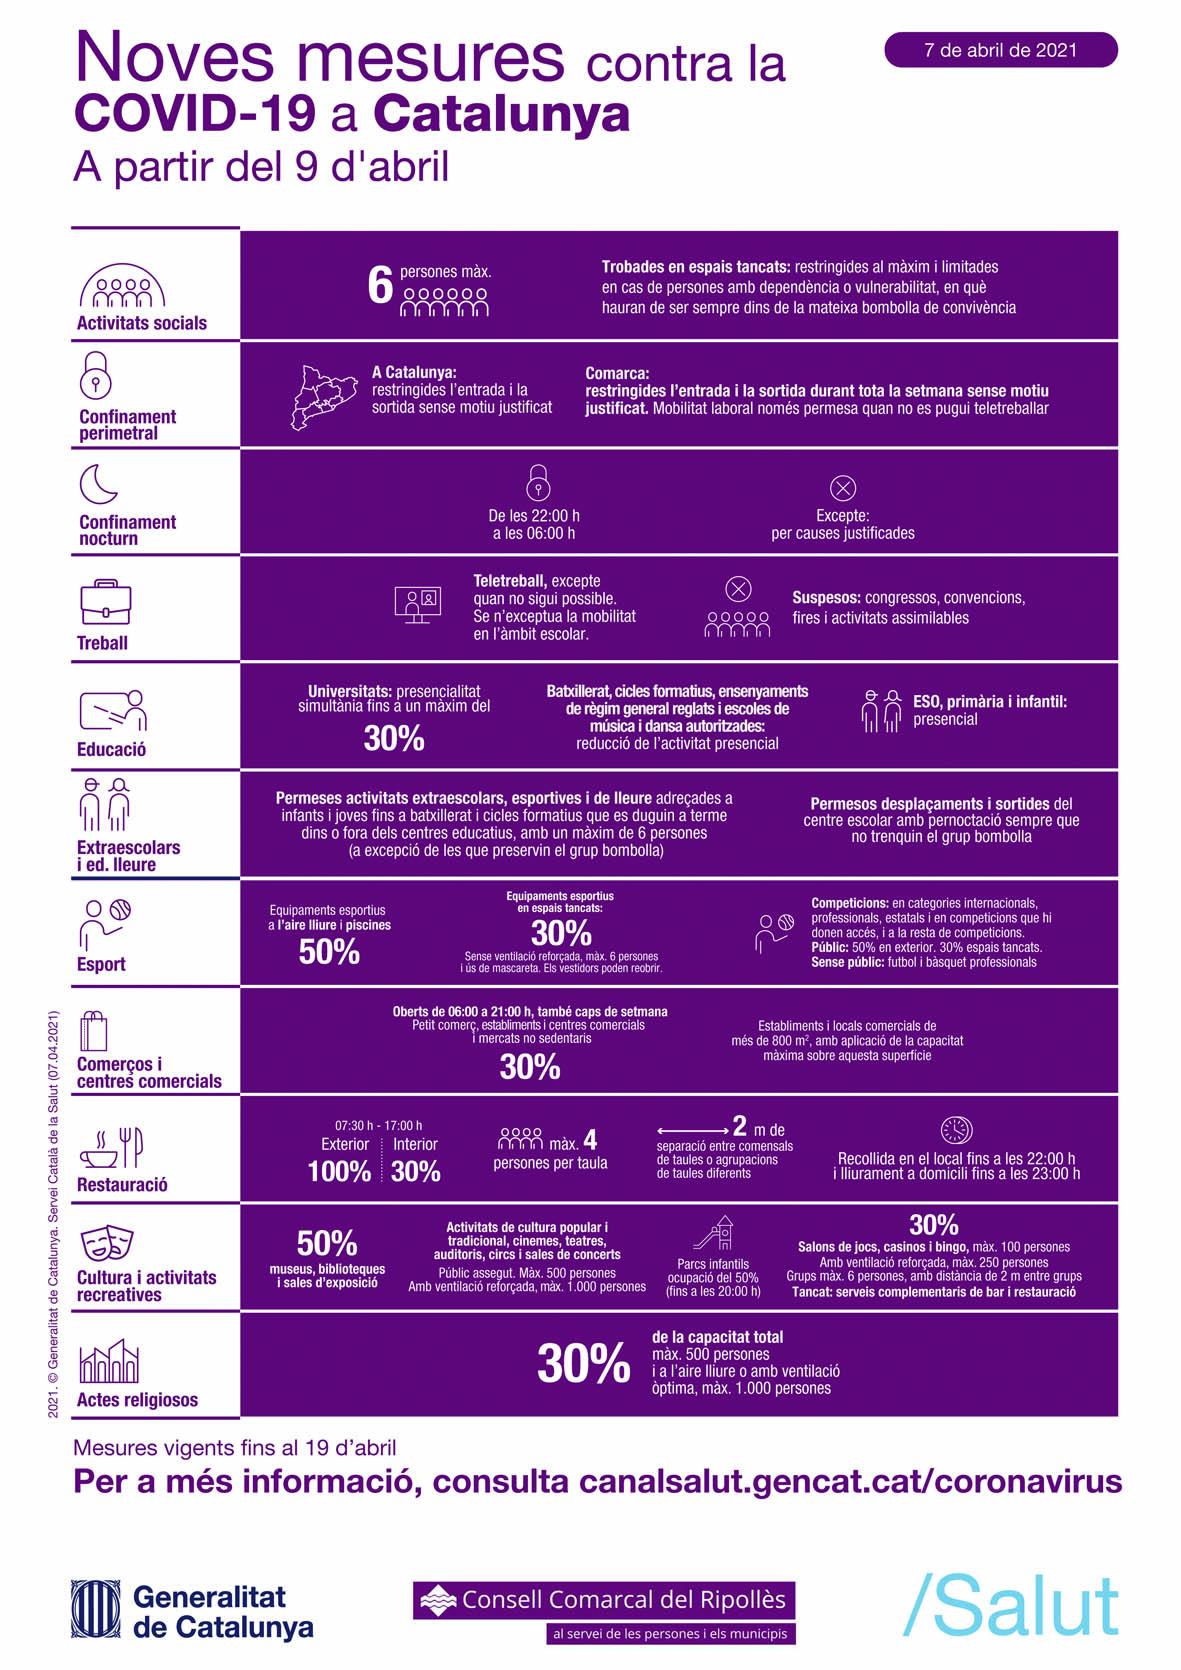 Detall de les mesures anticovid que entren en vigor el 9 d'abril de 2021